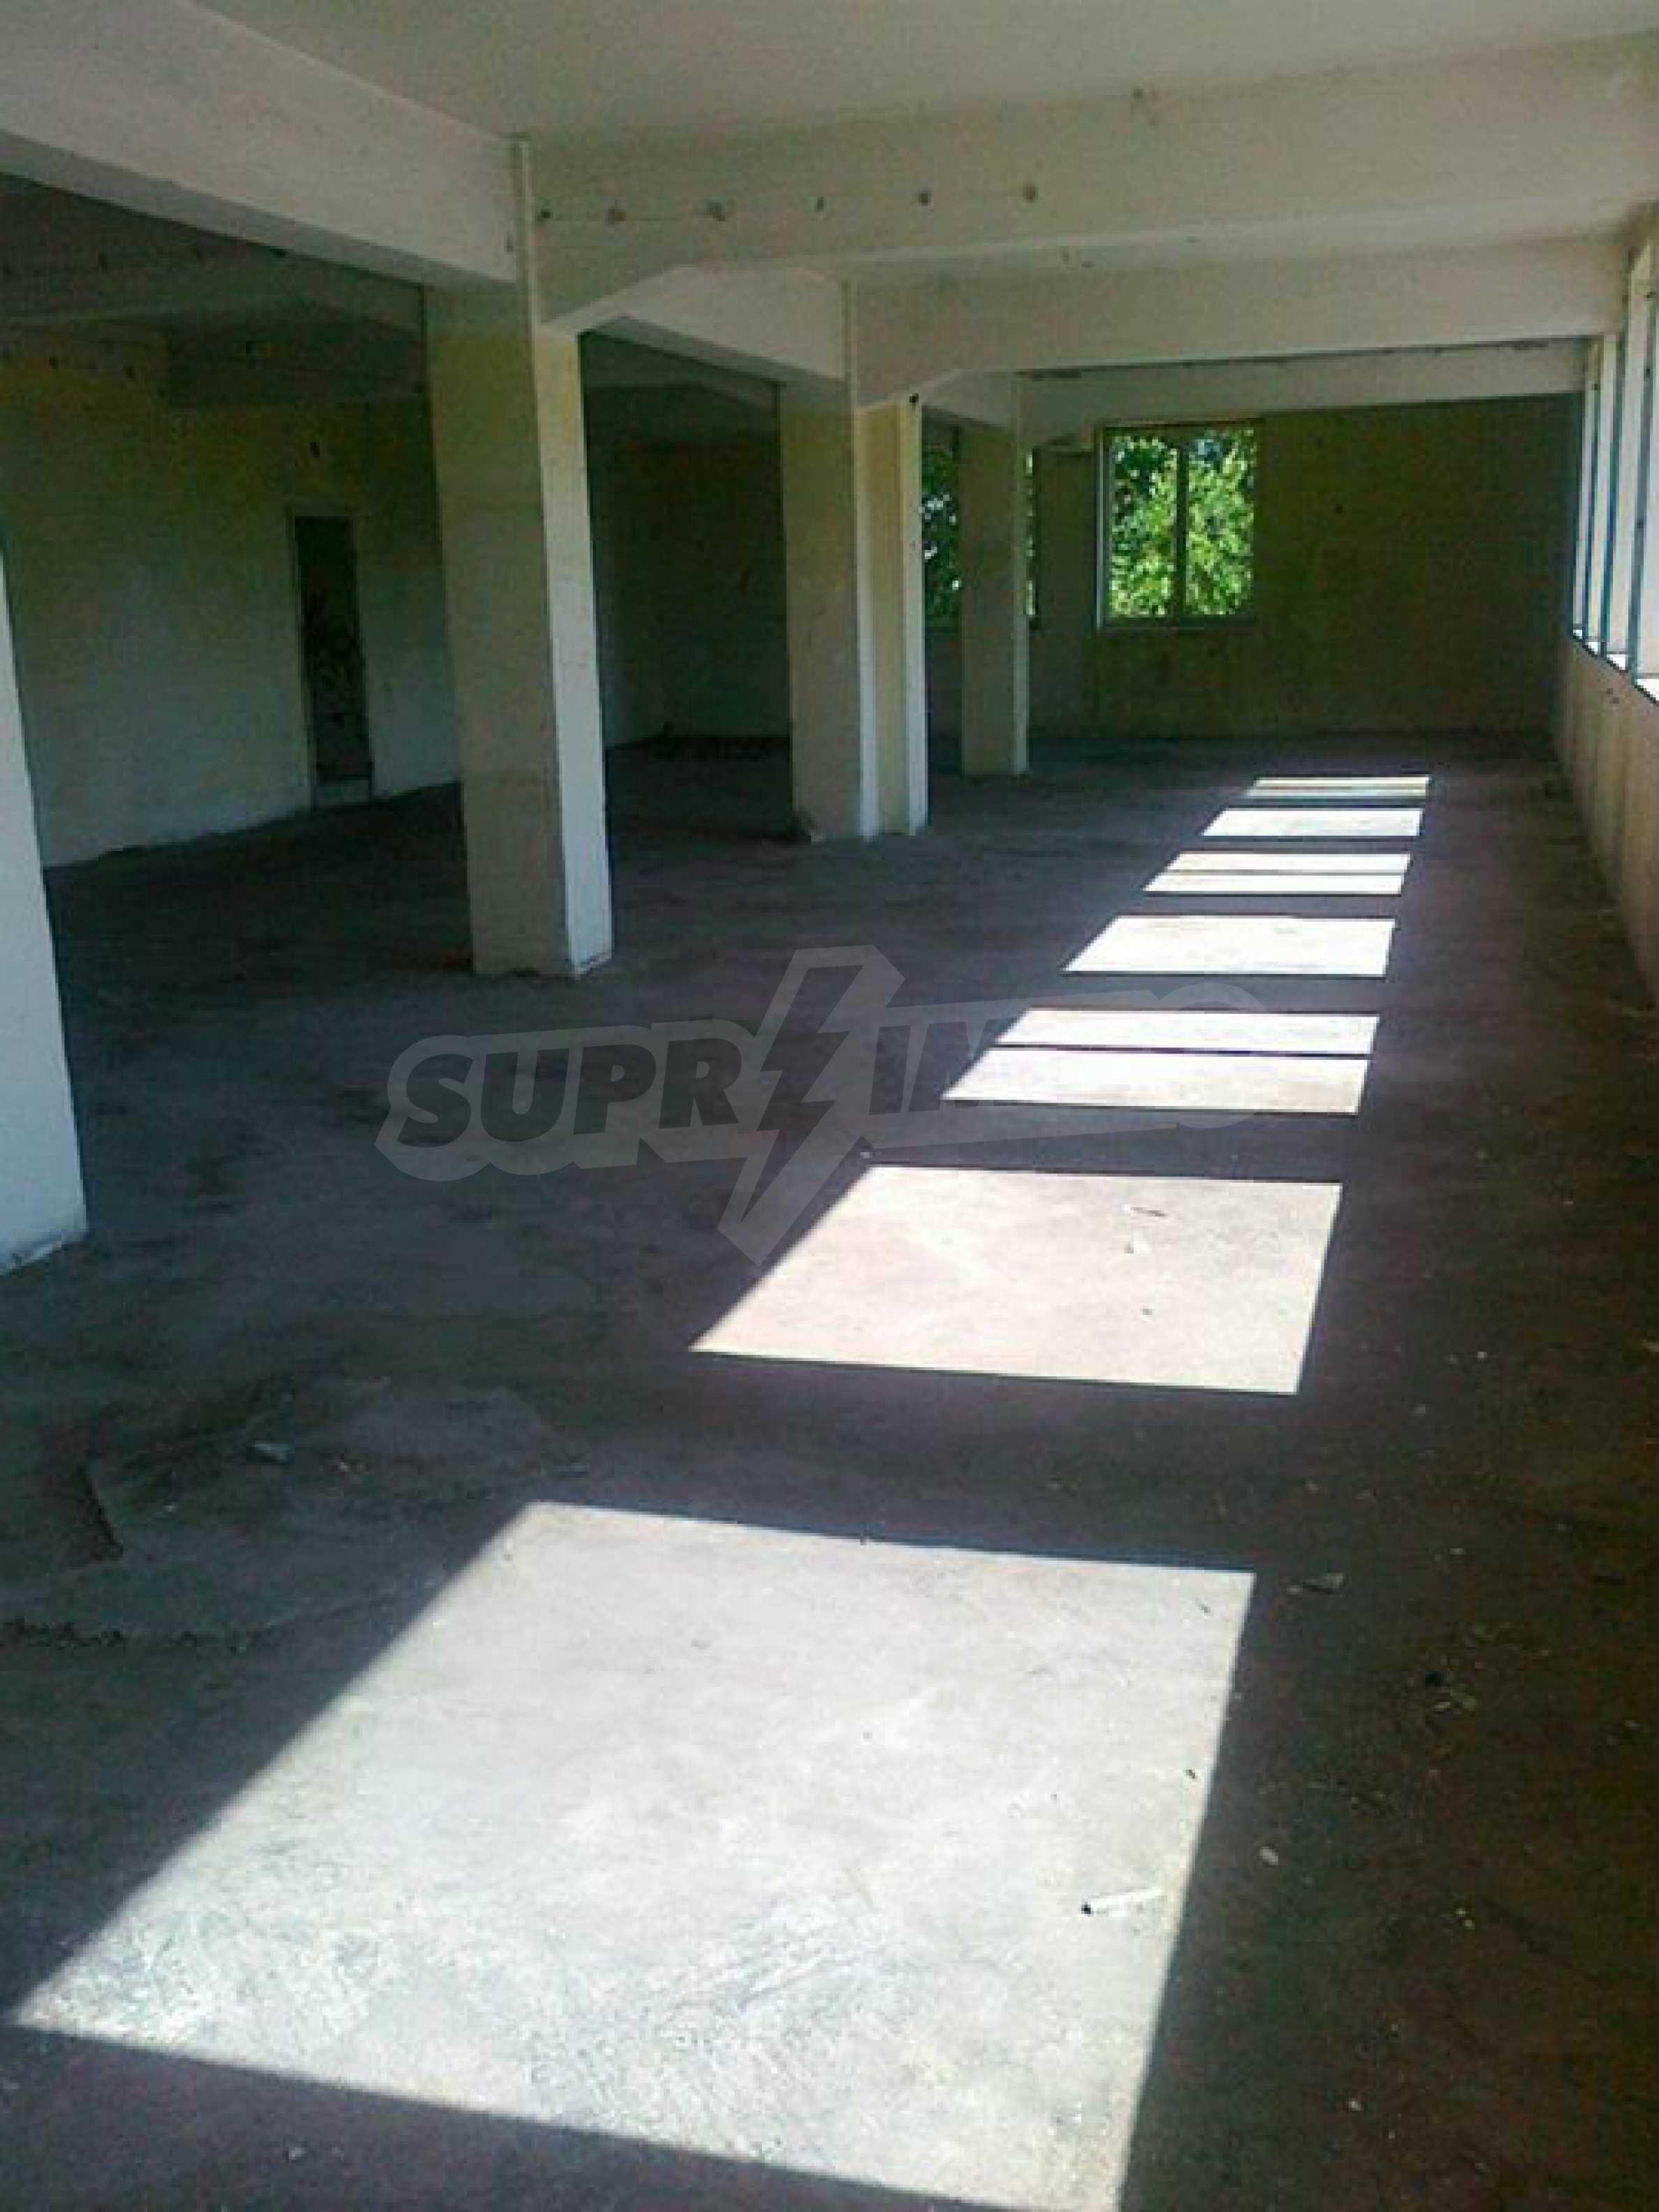 Massives dreistöckiges Lagerhaus in einer Stadt 40 km von Veliko Tarnovo entfernt 30